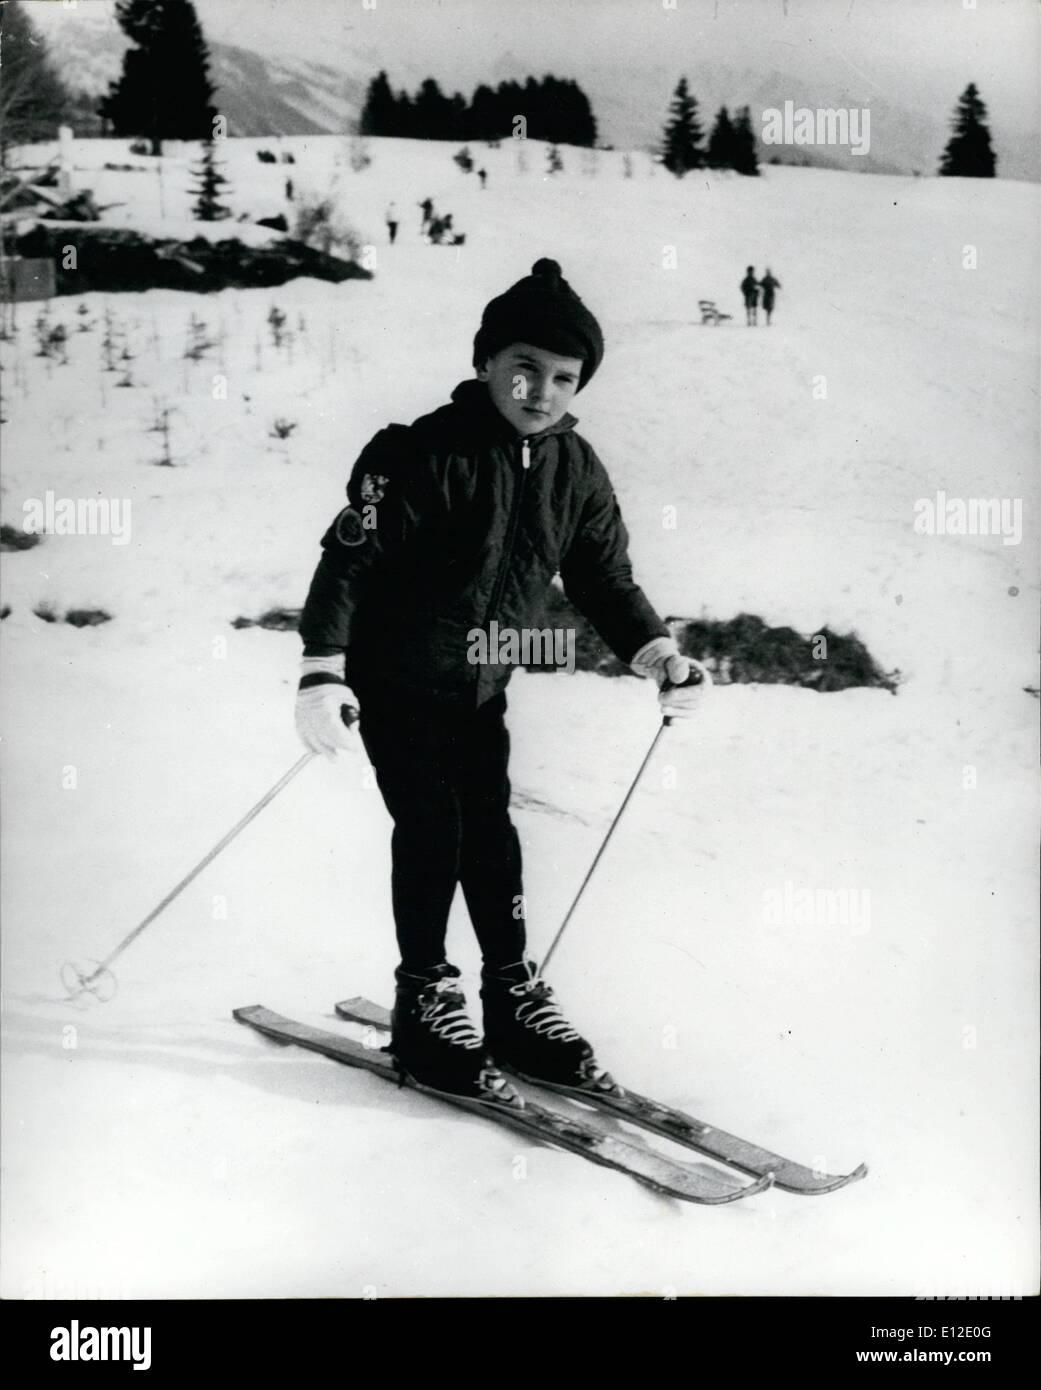 Le 15 décembre 2011 - Milko - Junior sur les sports d'hiver Maison de Vacances - Seul le Fils de Gina est Ski-Ing: Milko JNR - le jeune fils de l'écran star Gina Lollobrigida et M. Milko Skofic est maintenant de passer ses premières vacances loin de sa mère glamour - dégustation les sports d'hiver à Crans Sur Sierre. Gina est maintenant à Rome où elle est filmer ''The Dolls''. Photo montre Milko JR skis - à Crans Sur Sierre. Photo Stock